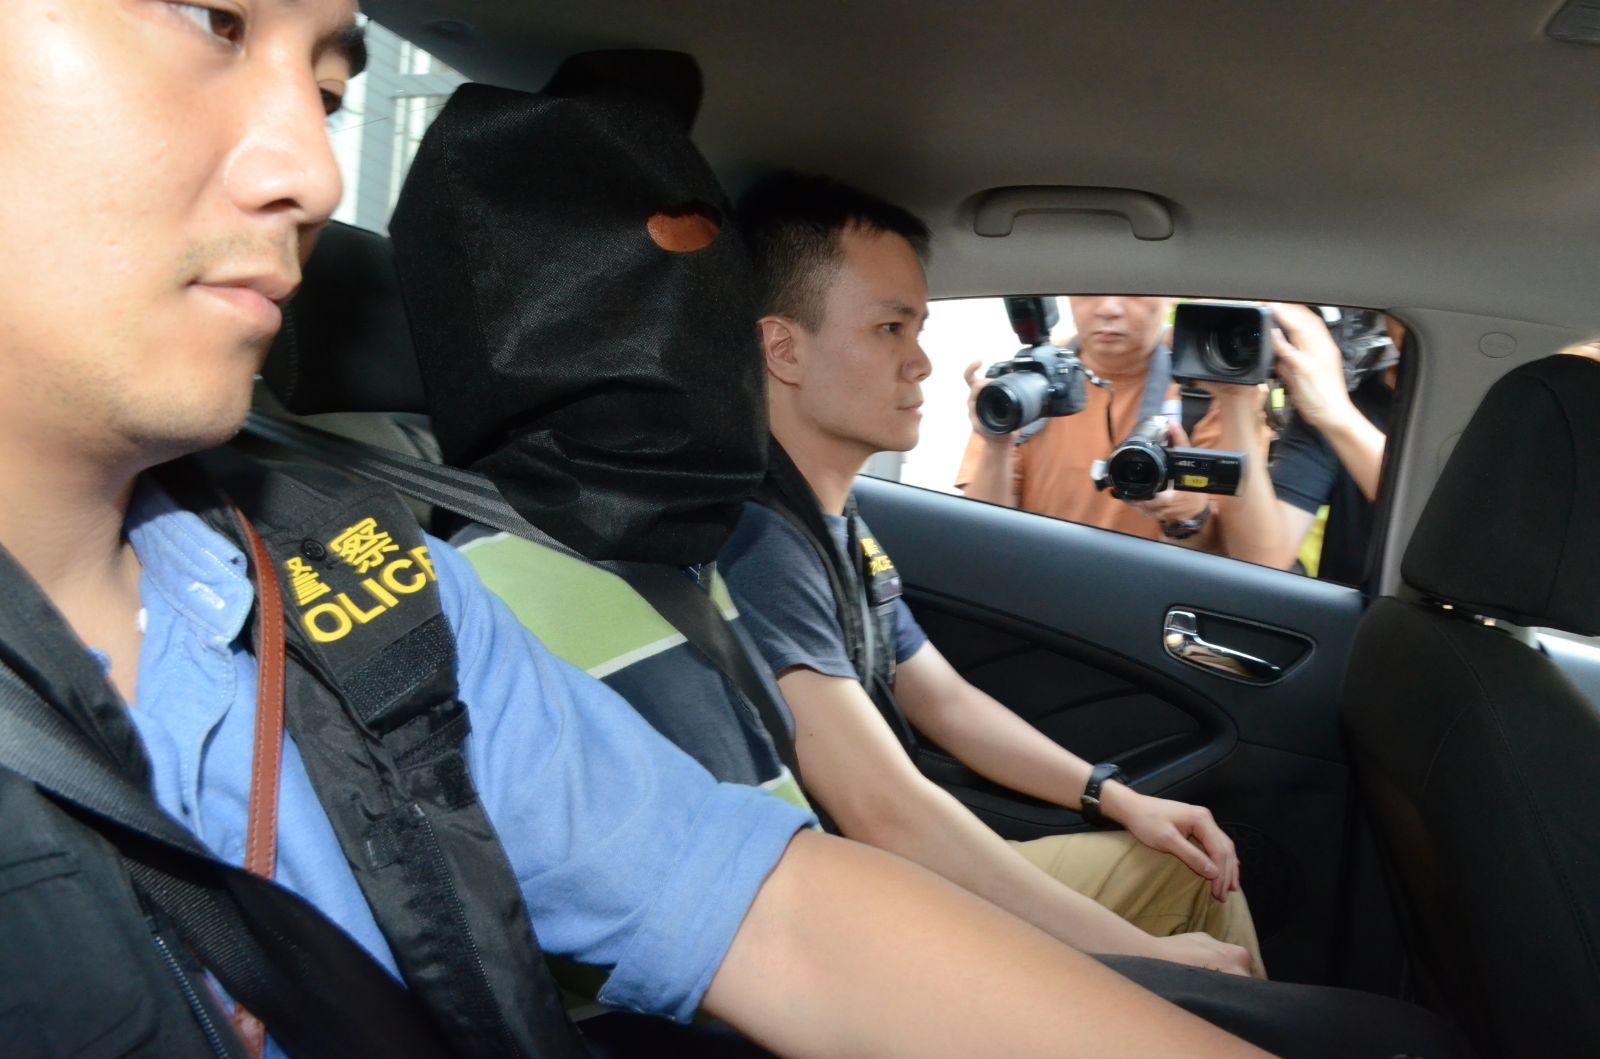 22歲尼泊爾籍男子被捕